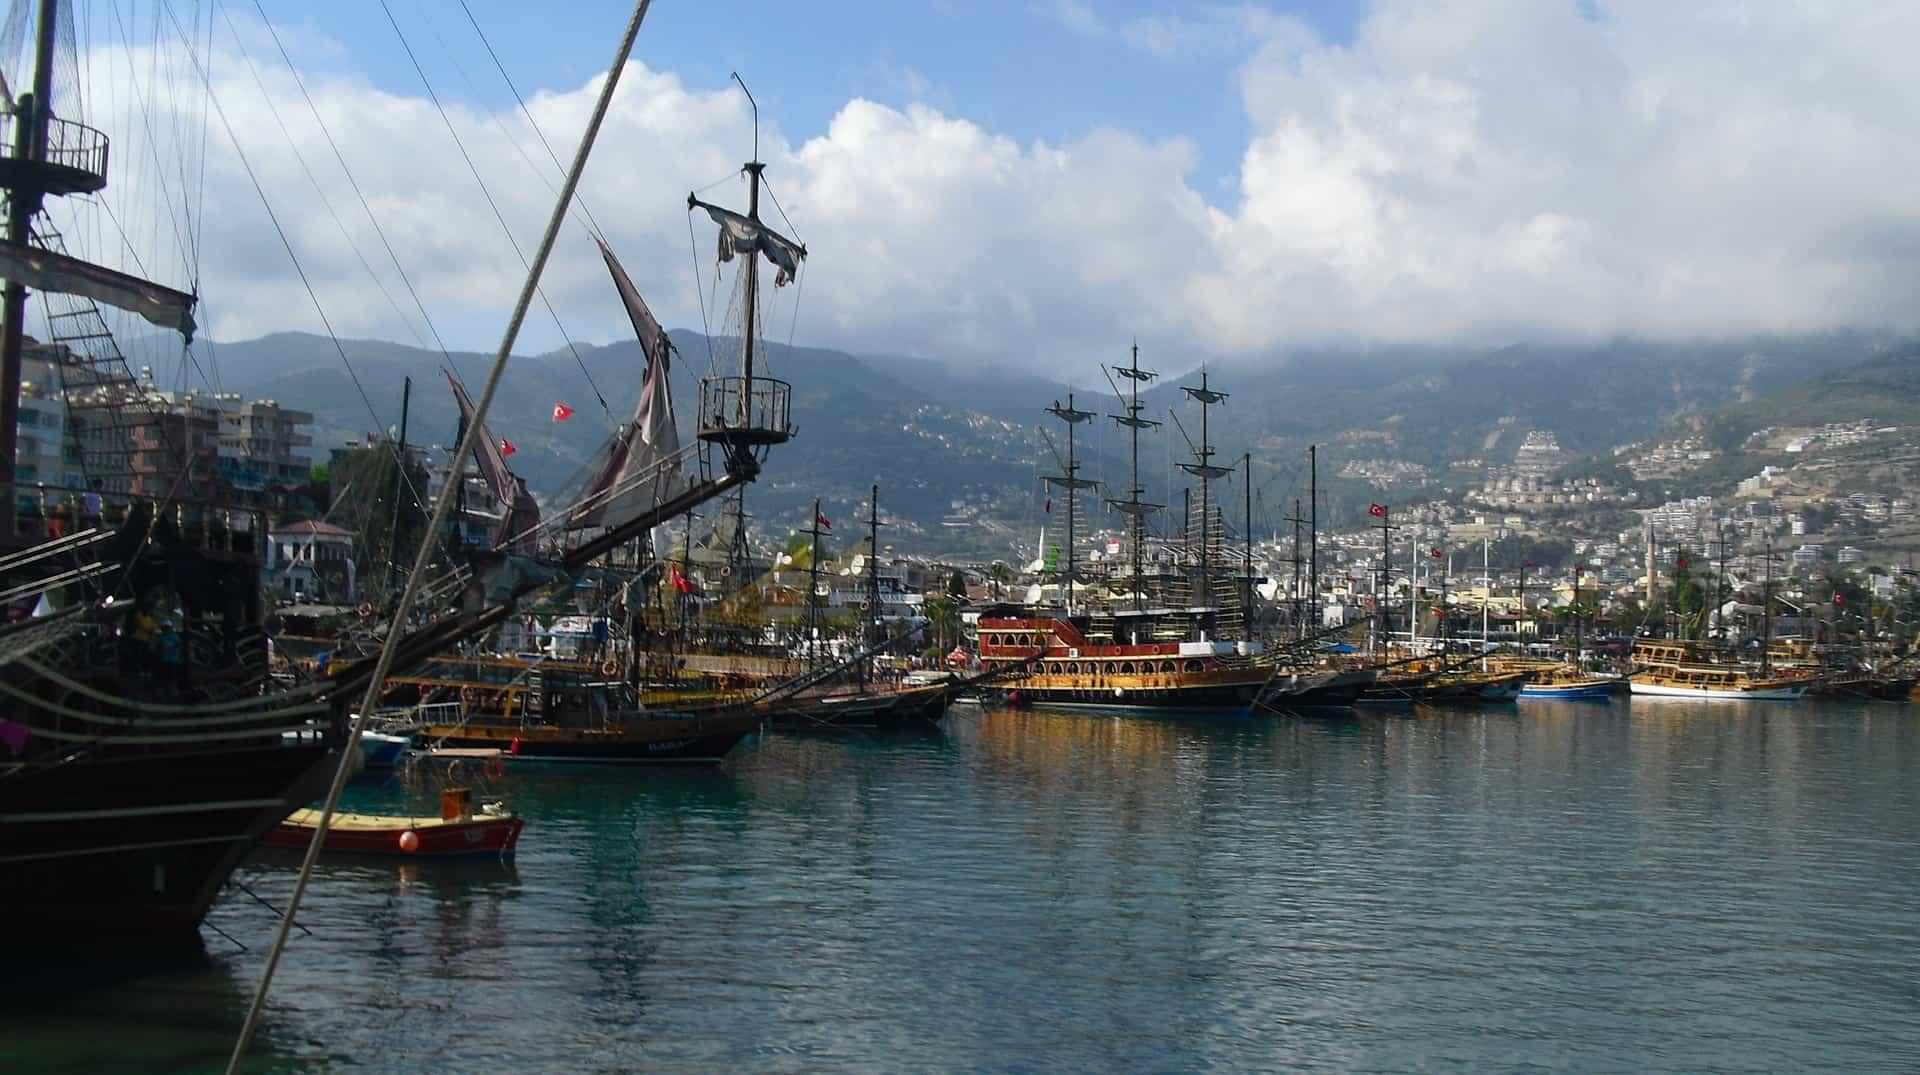 4 Stündige Bootstouren kosten circa 15,00€ vor Ort - Ich empfehle euch nur türkisceh Lira auf das Boot zu nehmen - Preise werden in € ausgeschildert